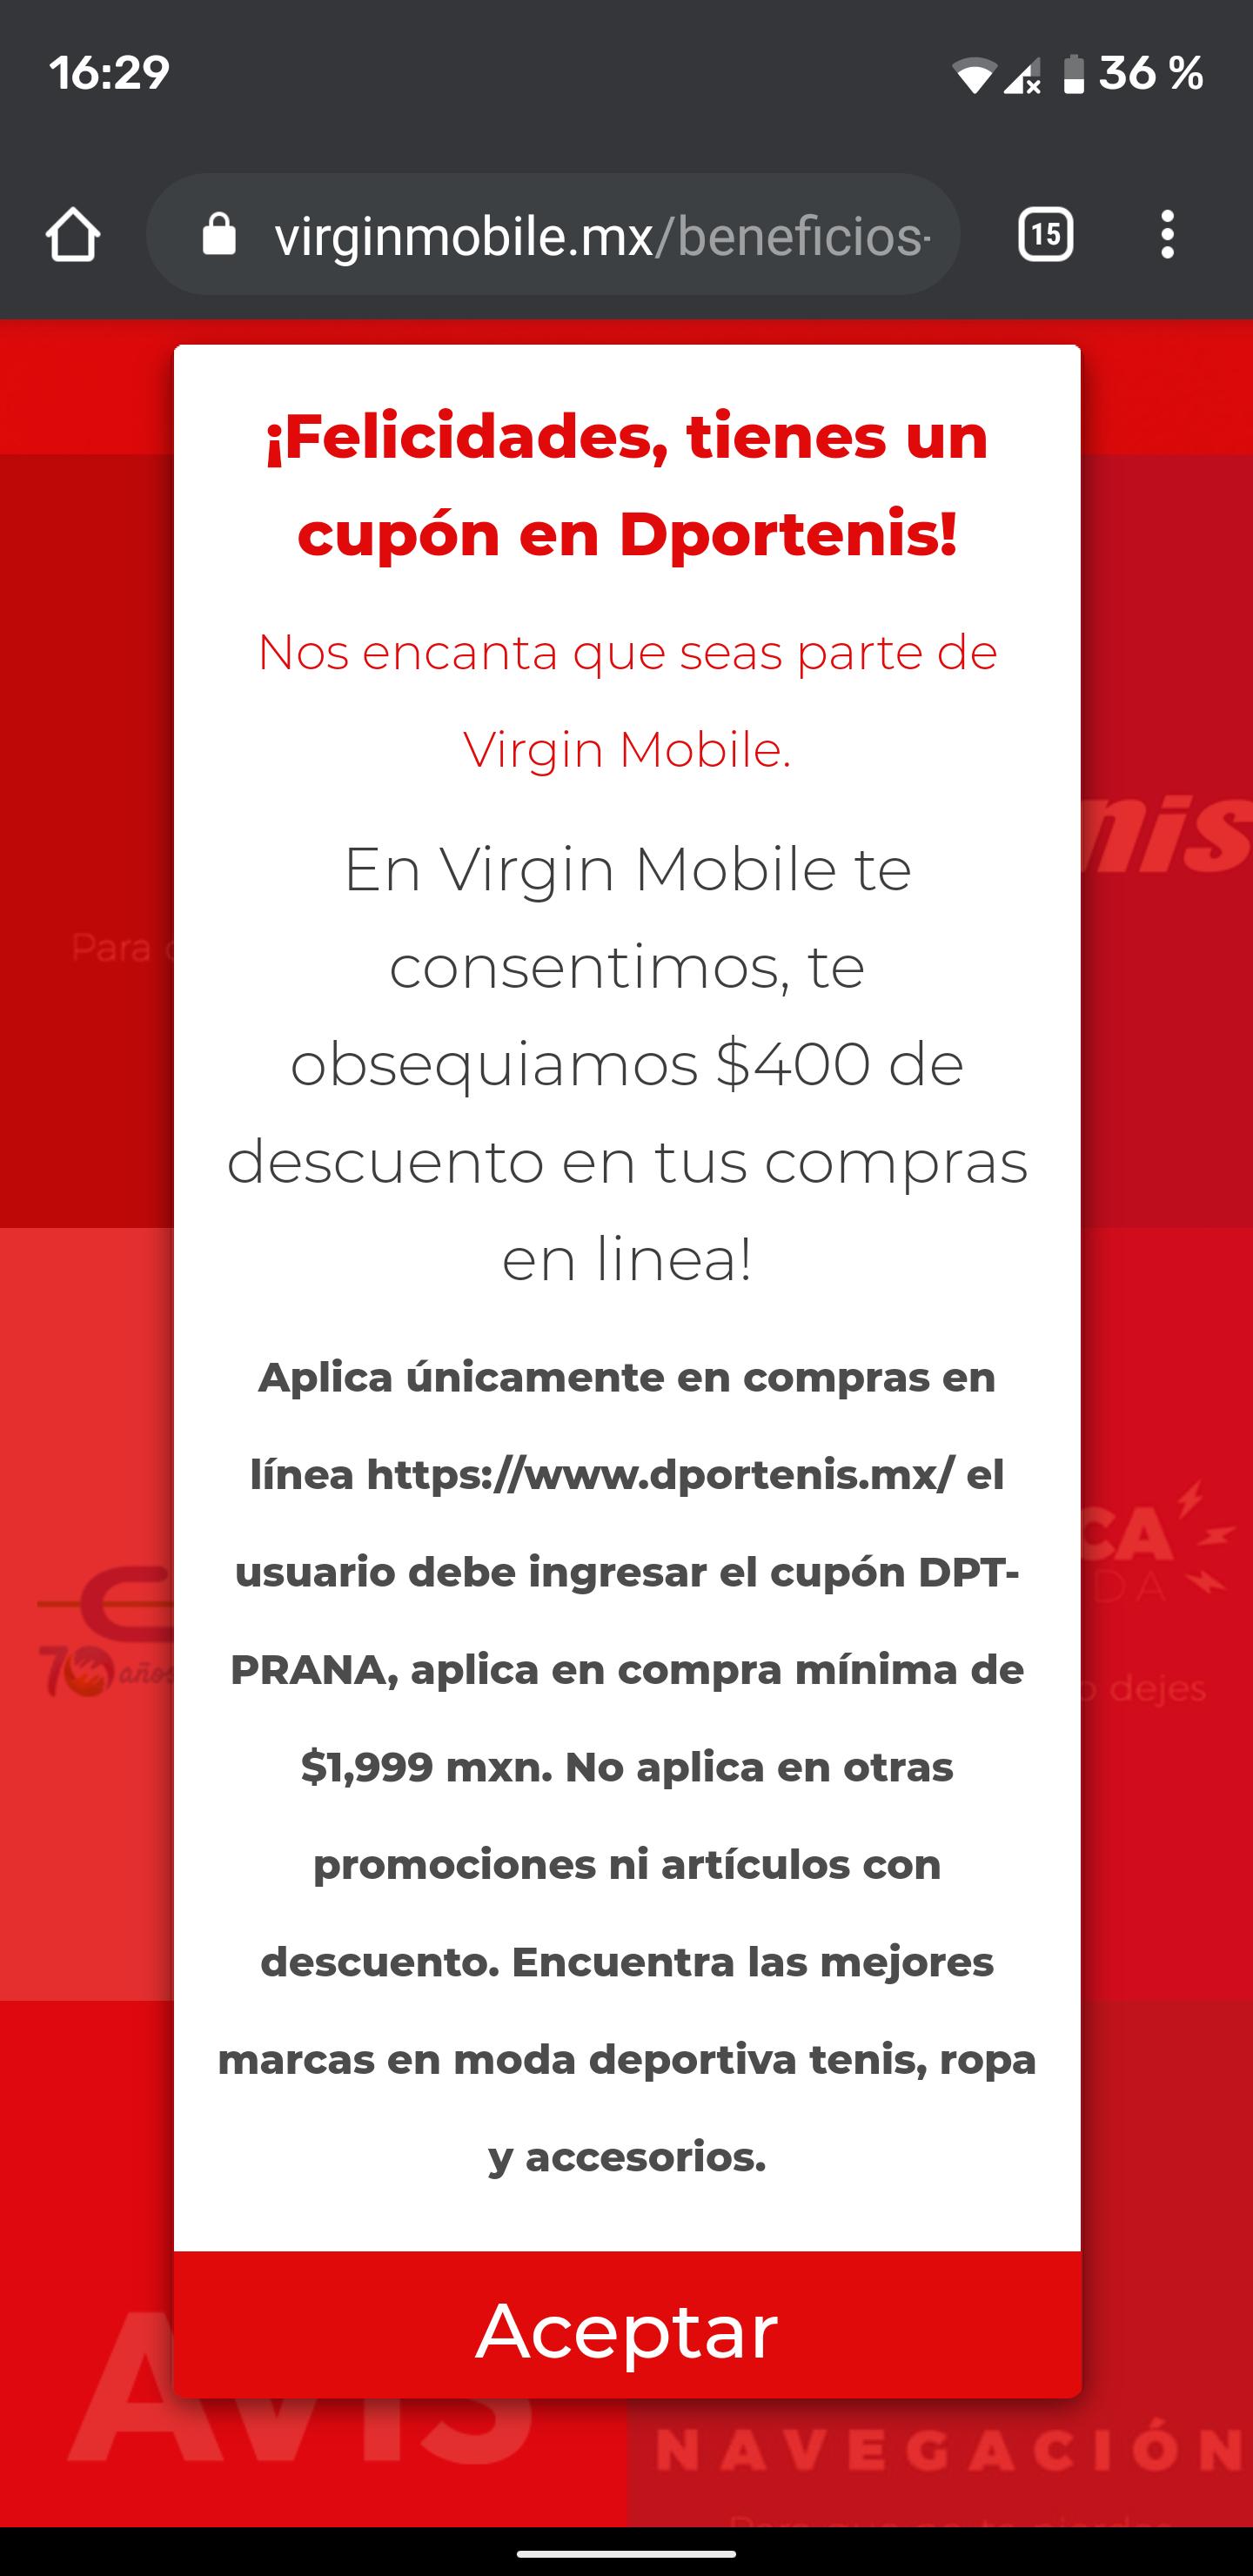 Dportenis: -400 de descuento en deportenis.com con virgin mobile en compras mínimas de $2,000